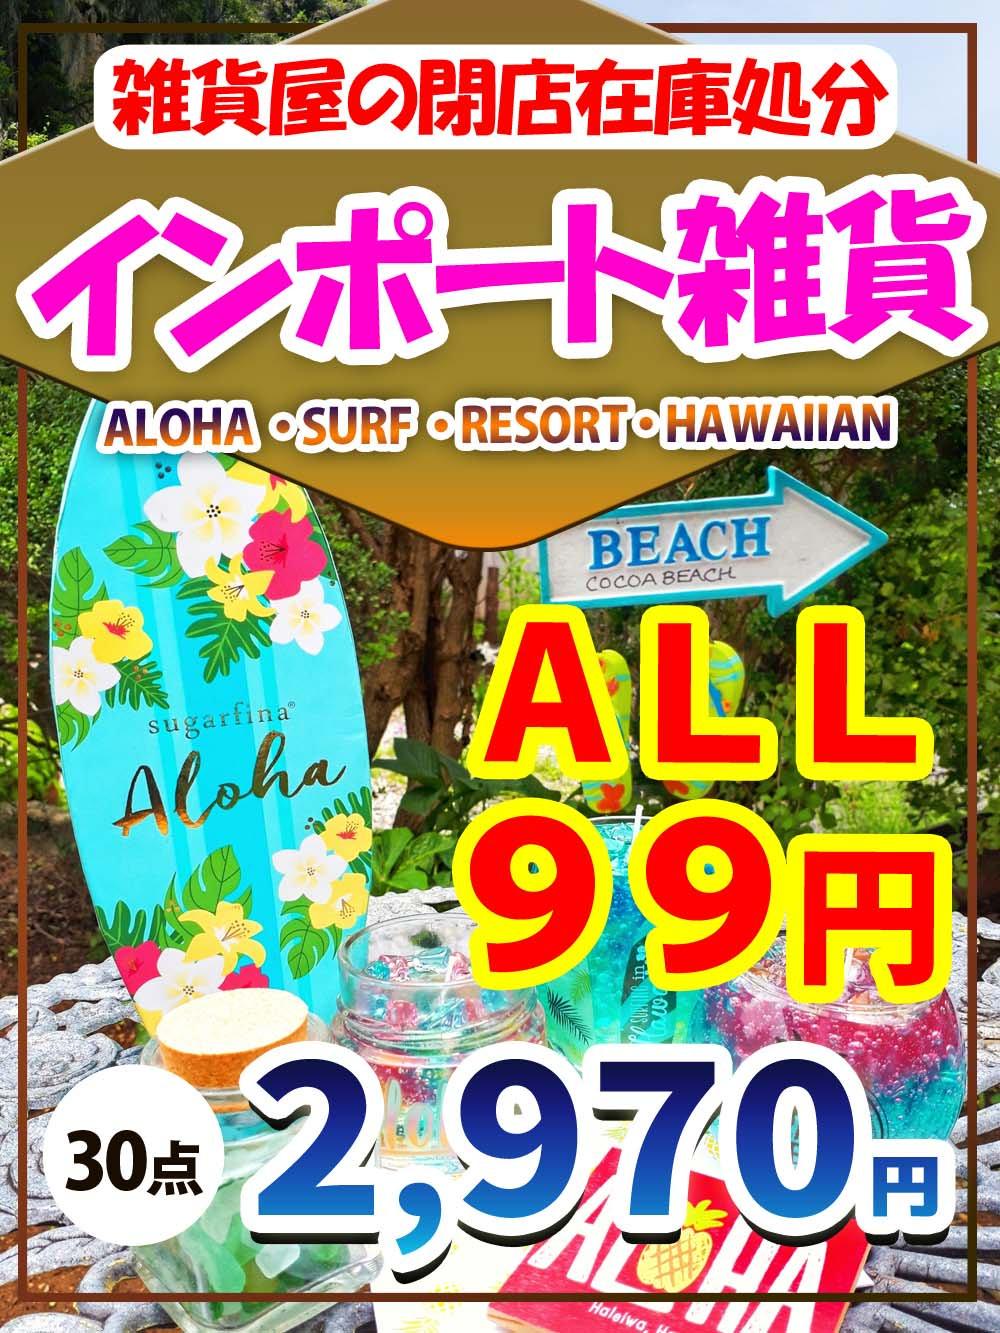 【インポート雑貨】雑貨屋の閉店在庫処分!ALOHA ・SURF ・RESORT・HAWAIIAN 系雑貨【30点】@99